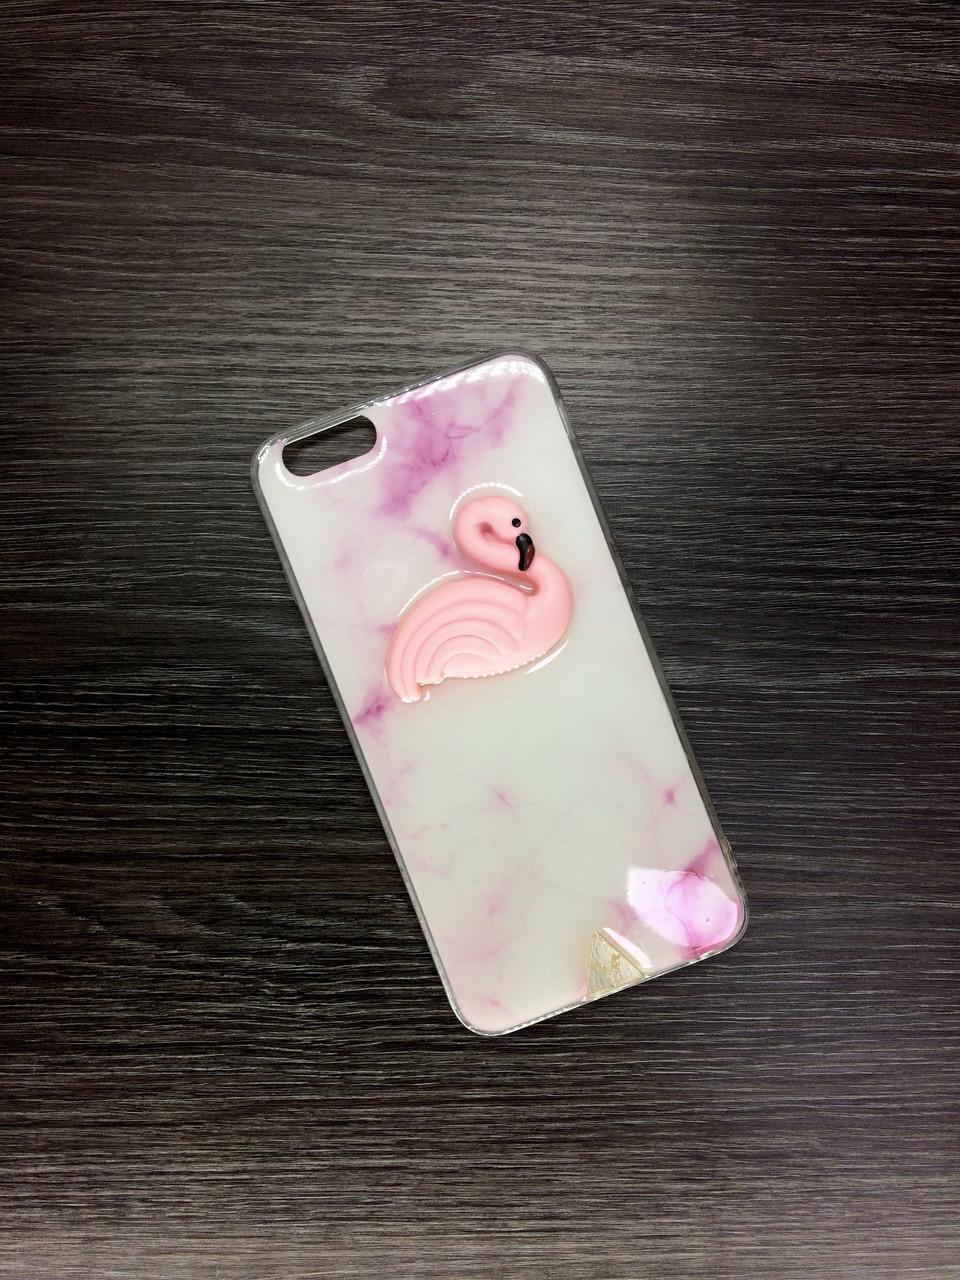 Силиконовый чехол для iPhone 7 Plus / 8 Plus бежевый с розовым